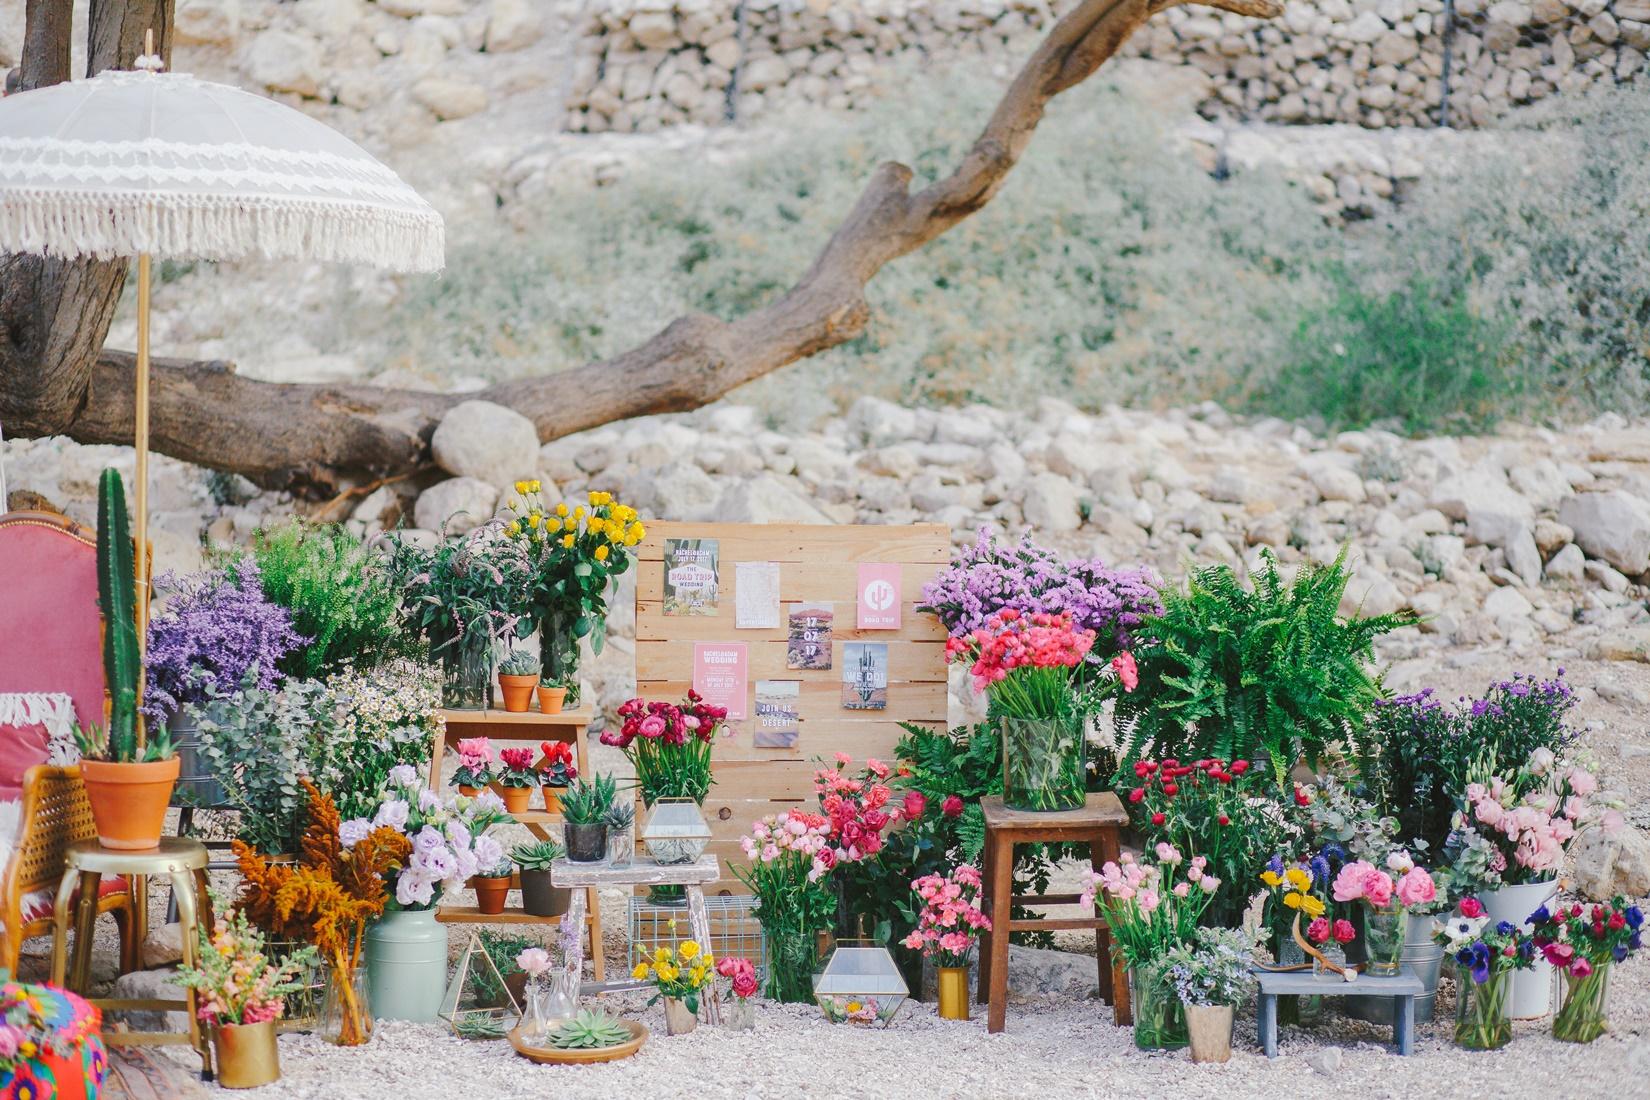 חתונה במדבר - בלוג חתונות מיי דיי